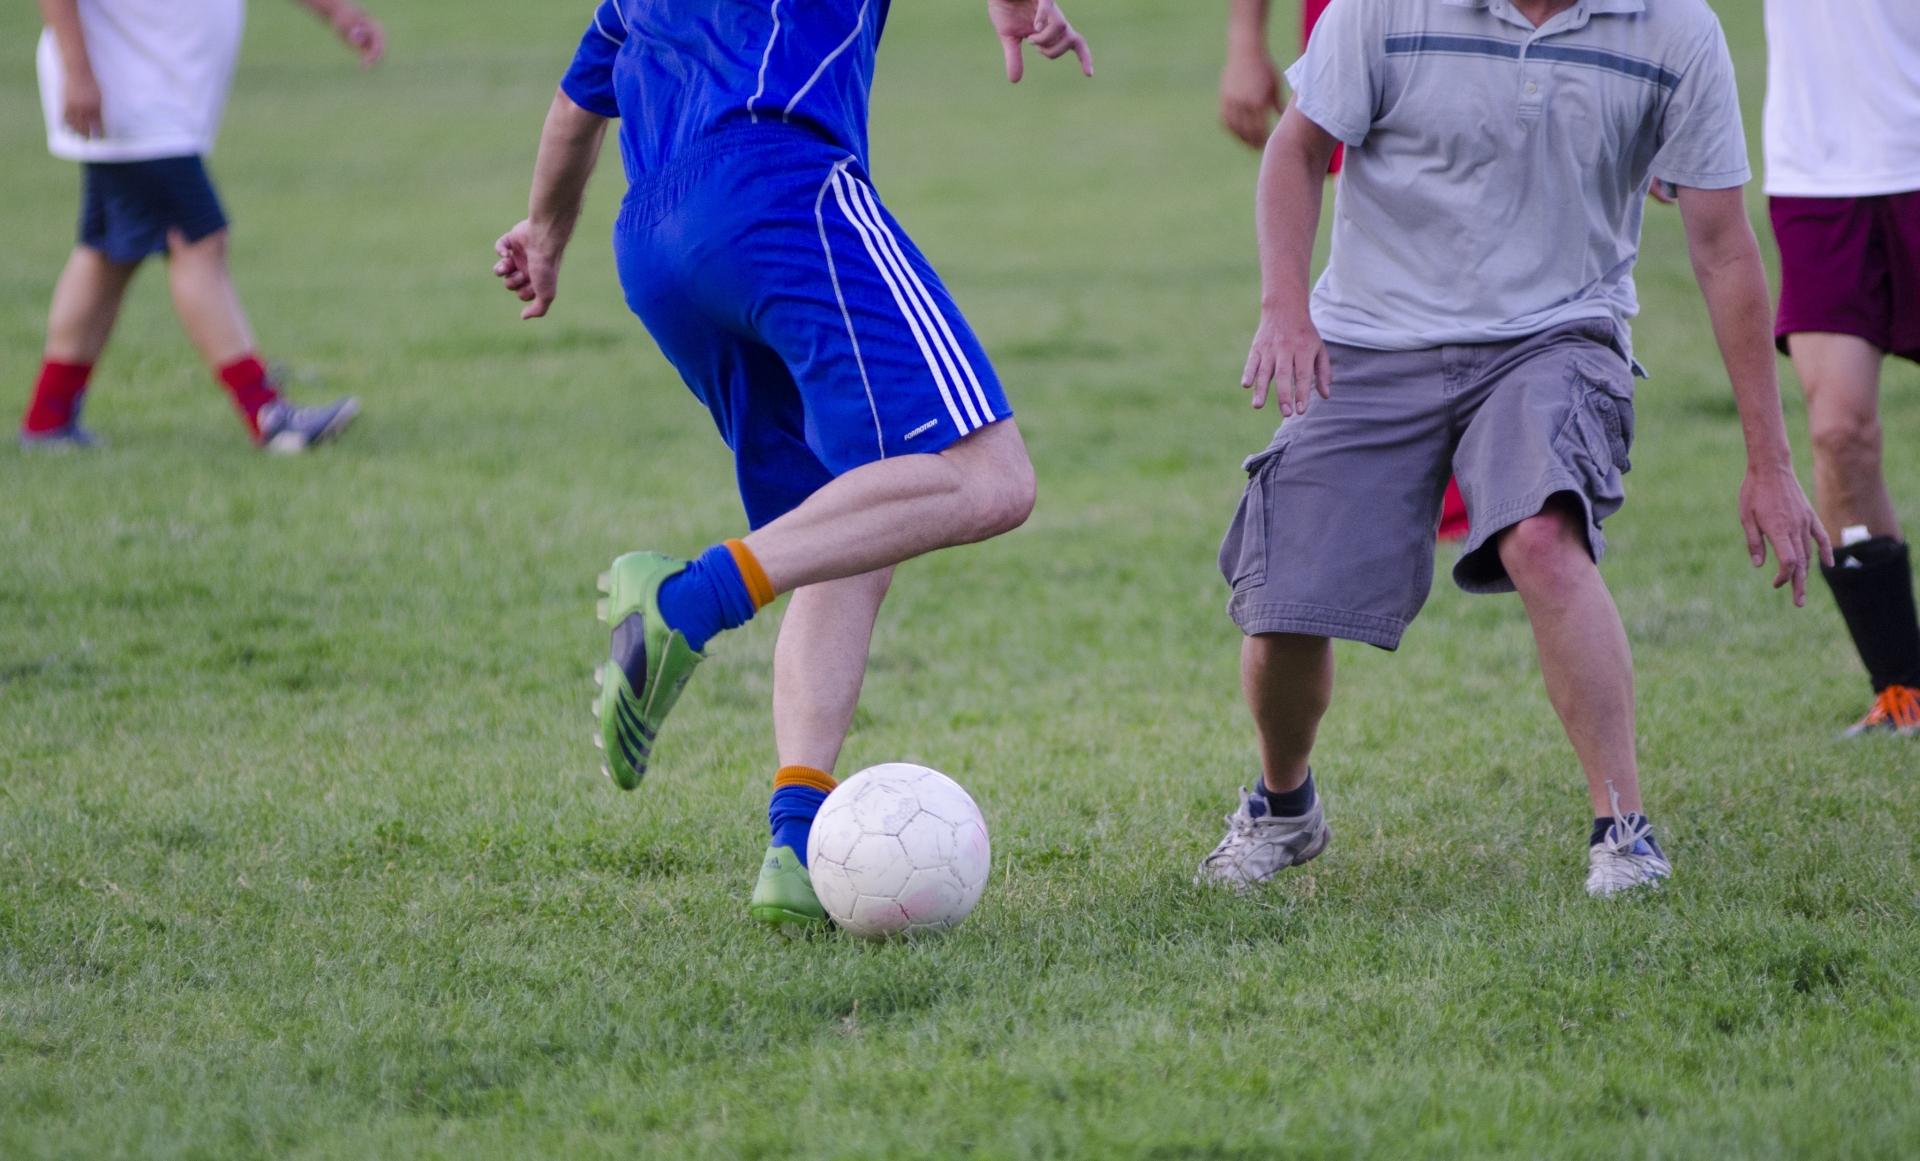 サッカーのパス練習は1人でもライバルに差をつけることができる